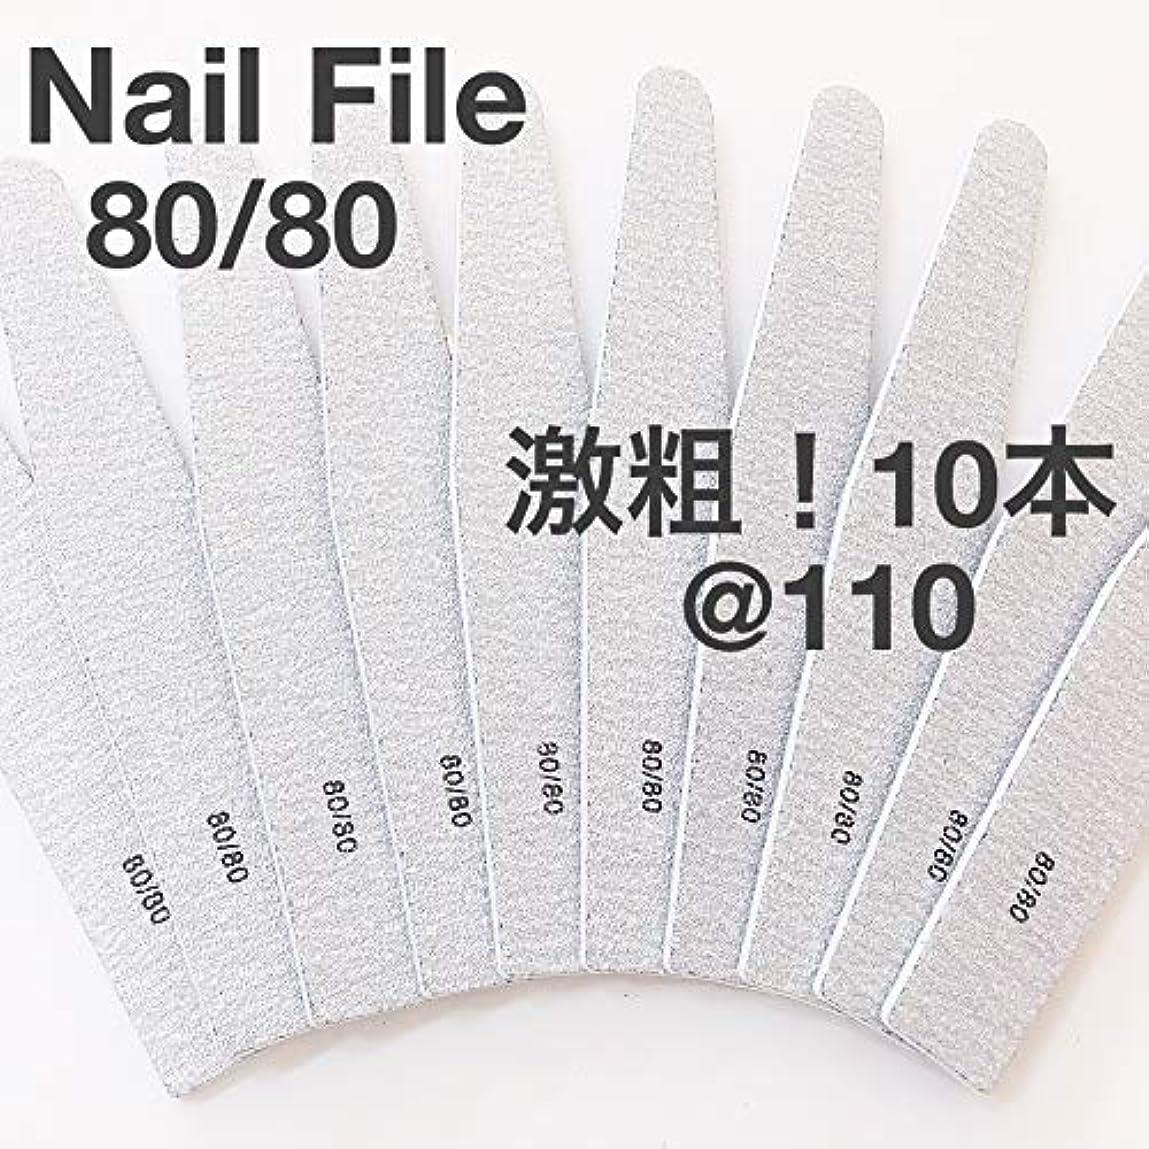 テーブル傑出した閉塞ネイルファイル 80/80激粗【10本セット】ガリガリ削れます!